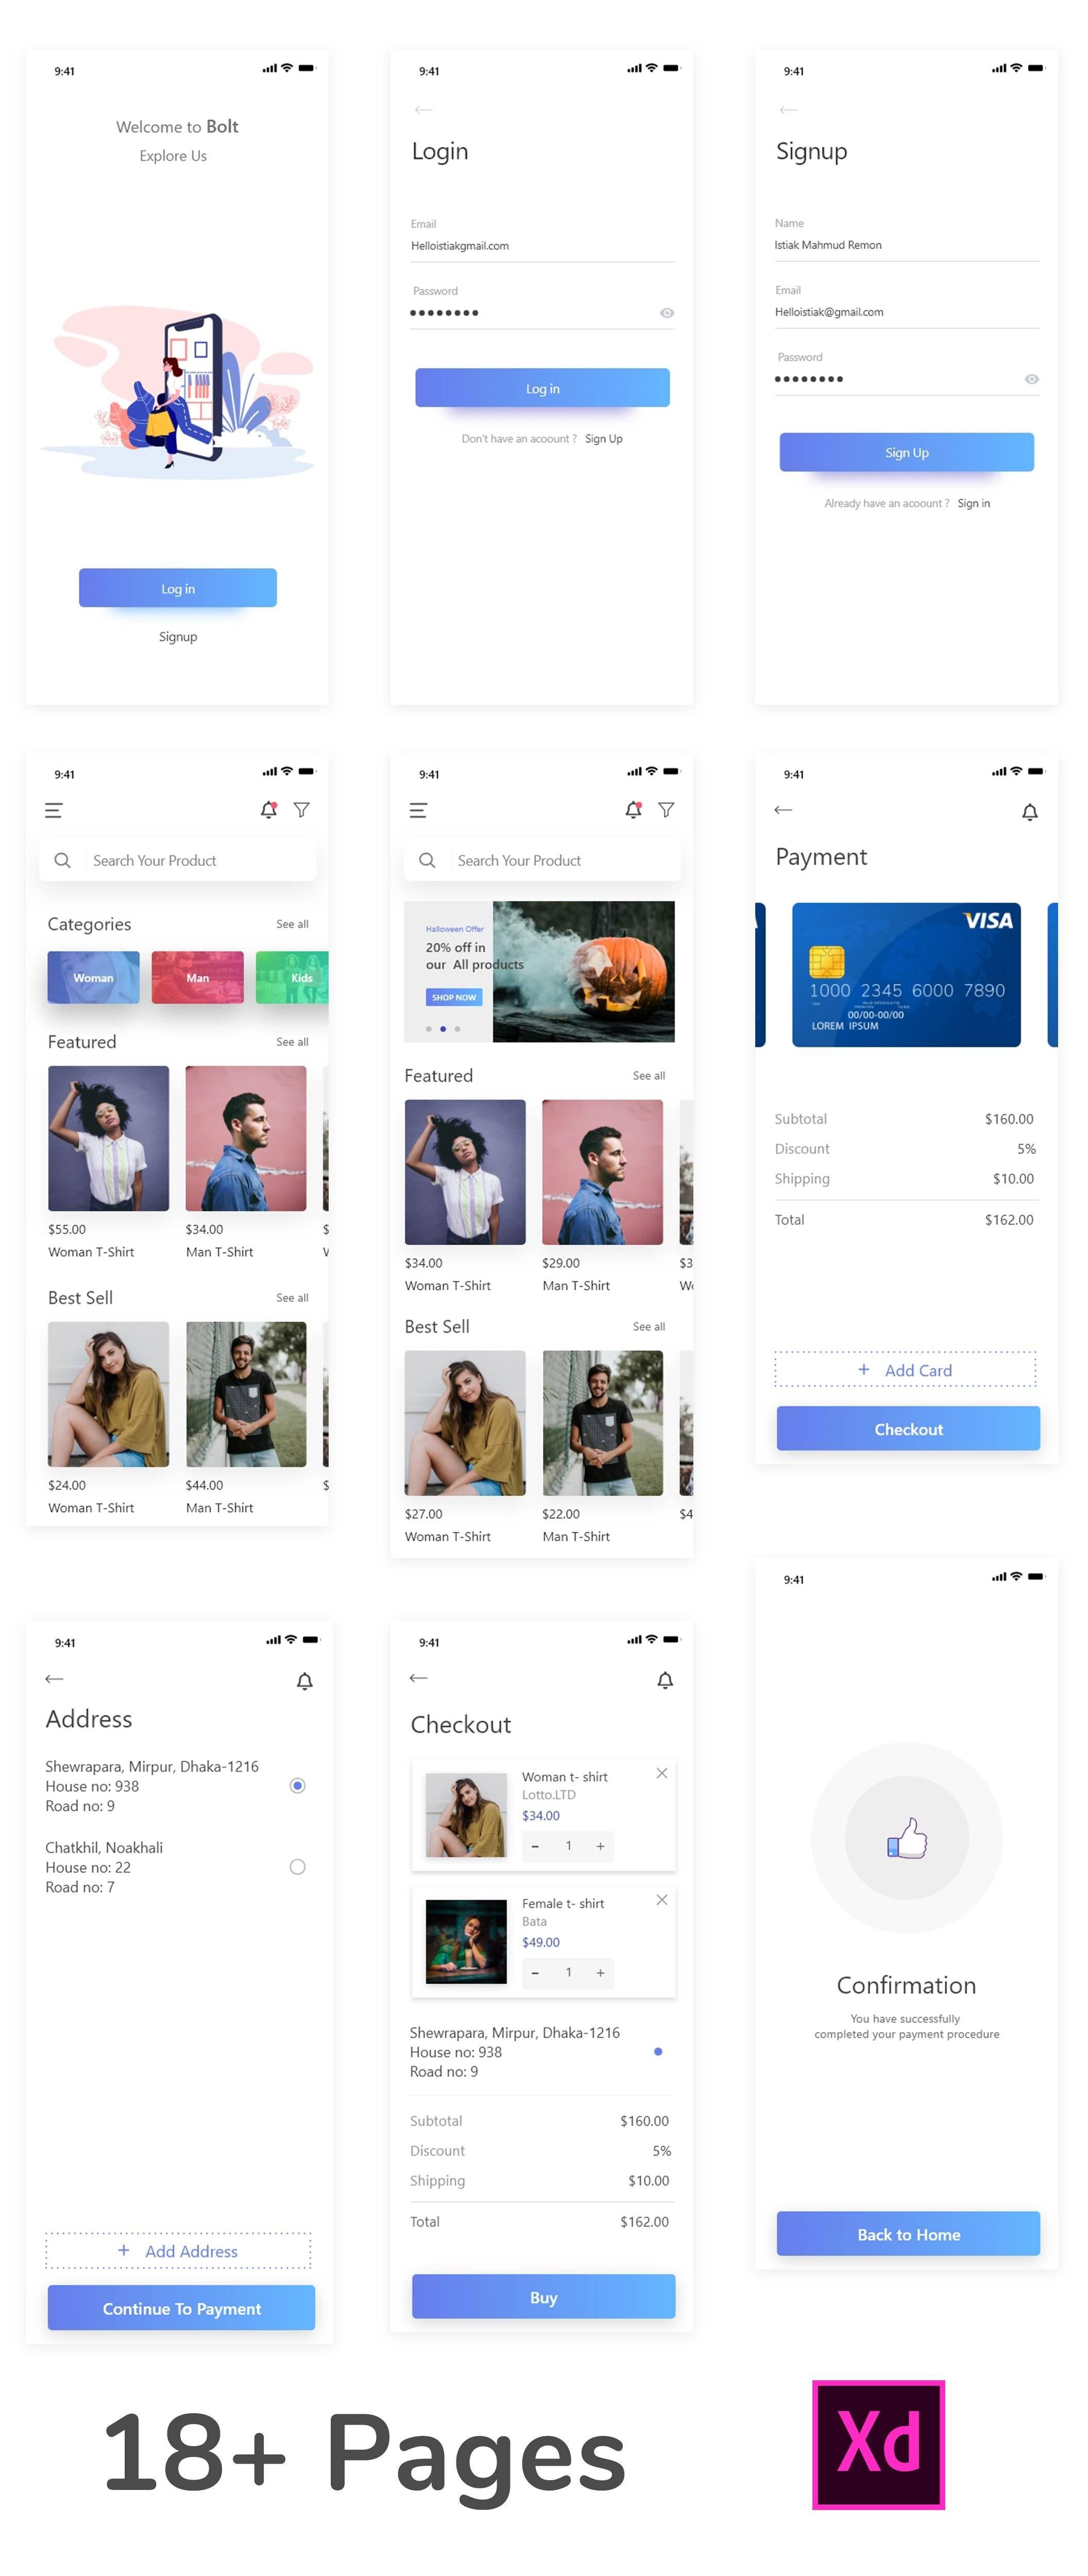 电商app bolt UI主题包 .xd素材下载 主题包-第2张